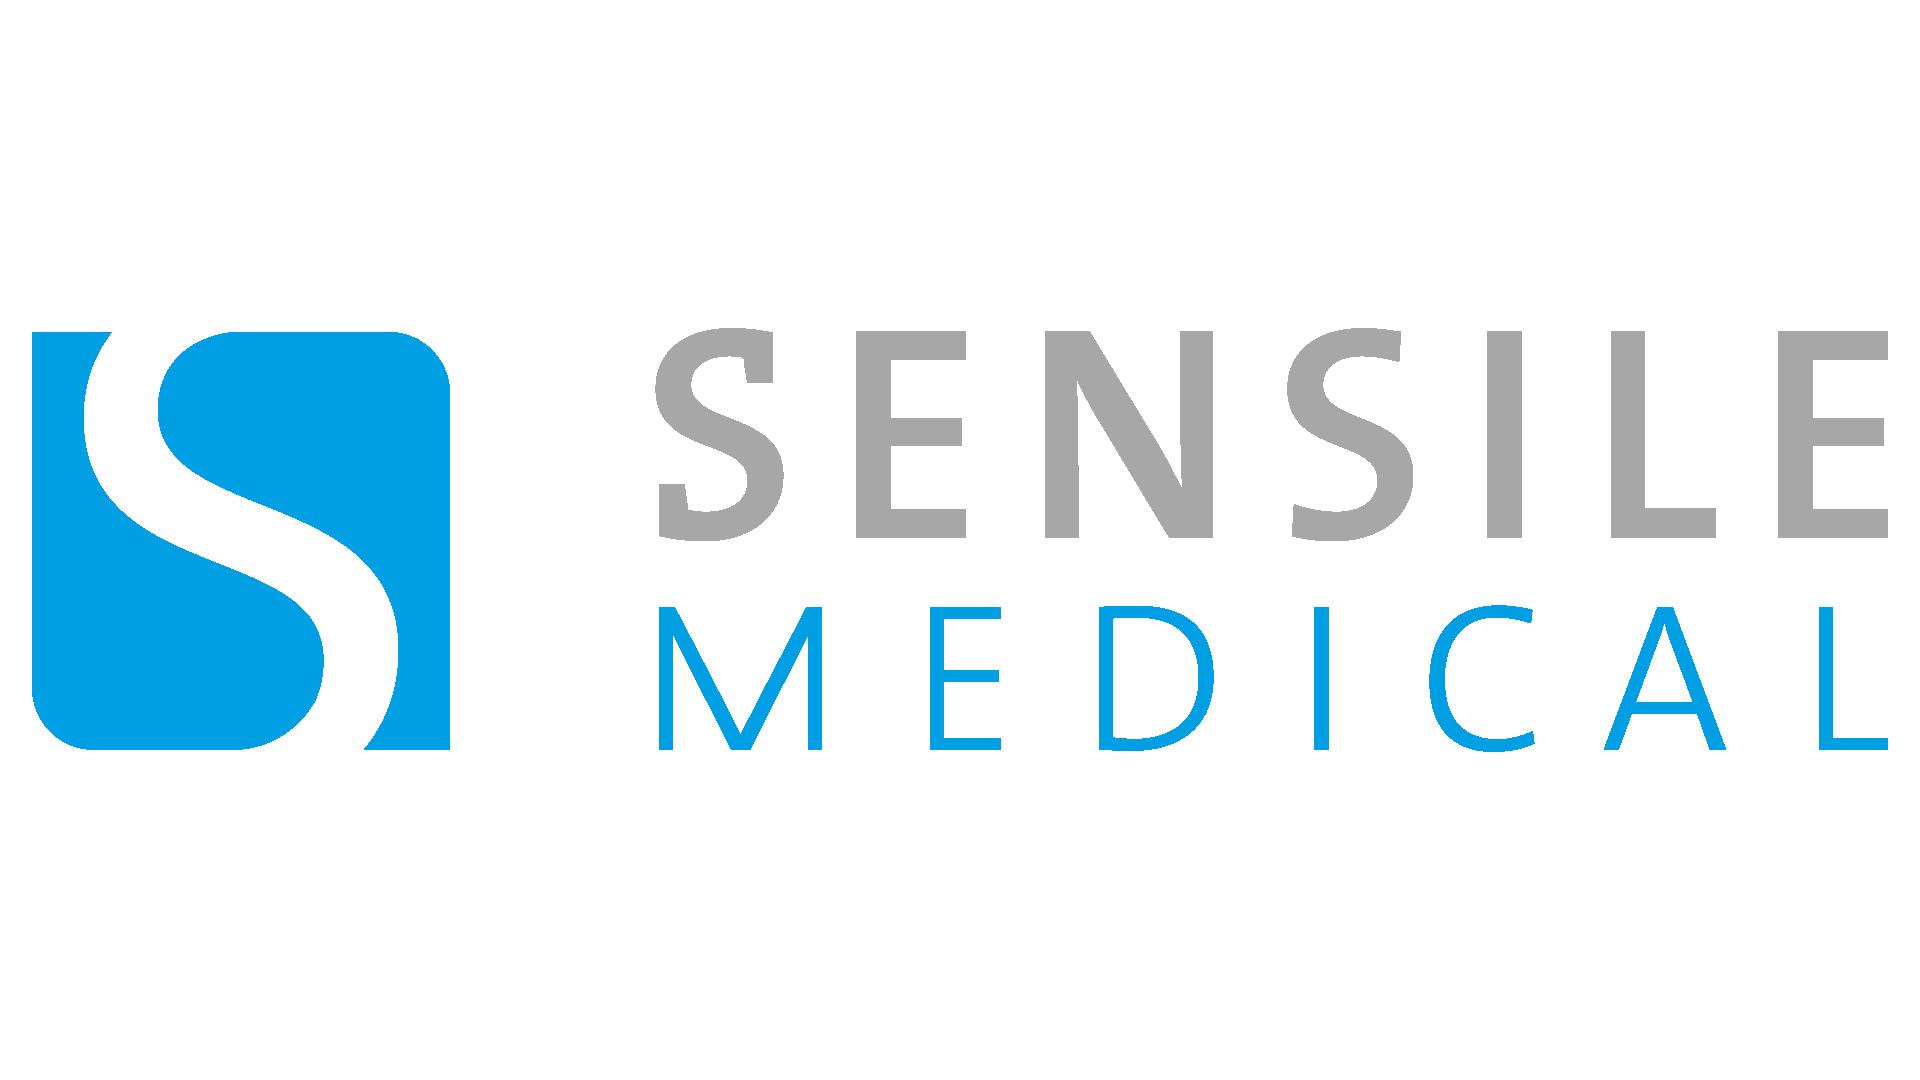 medical logo png #887